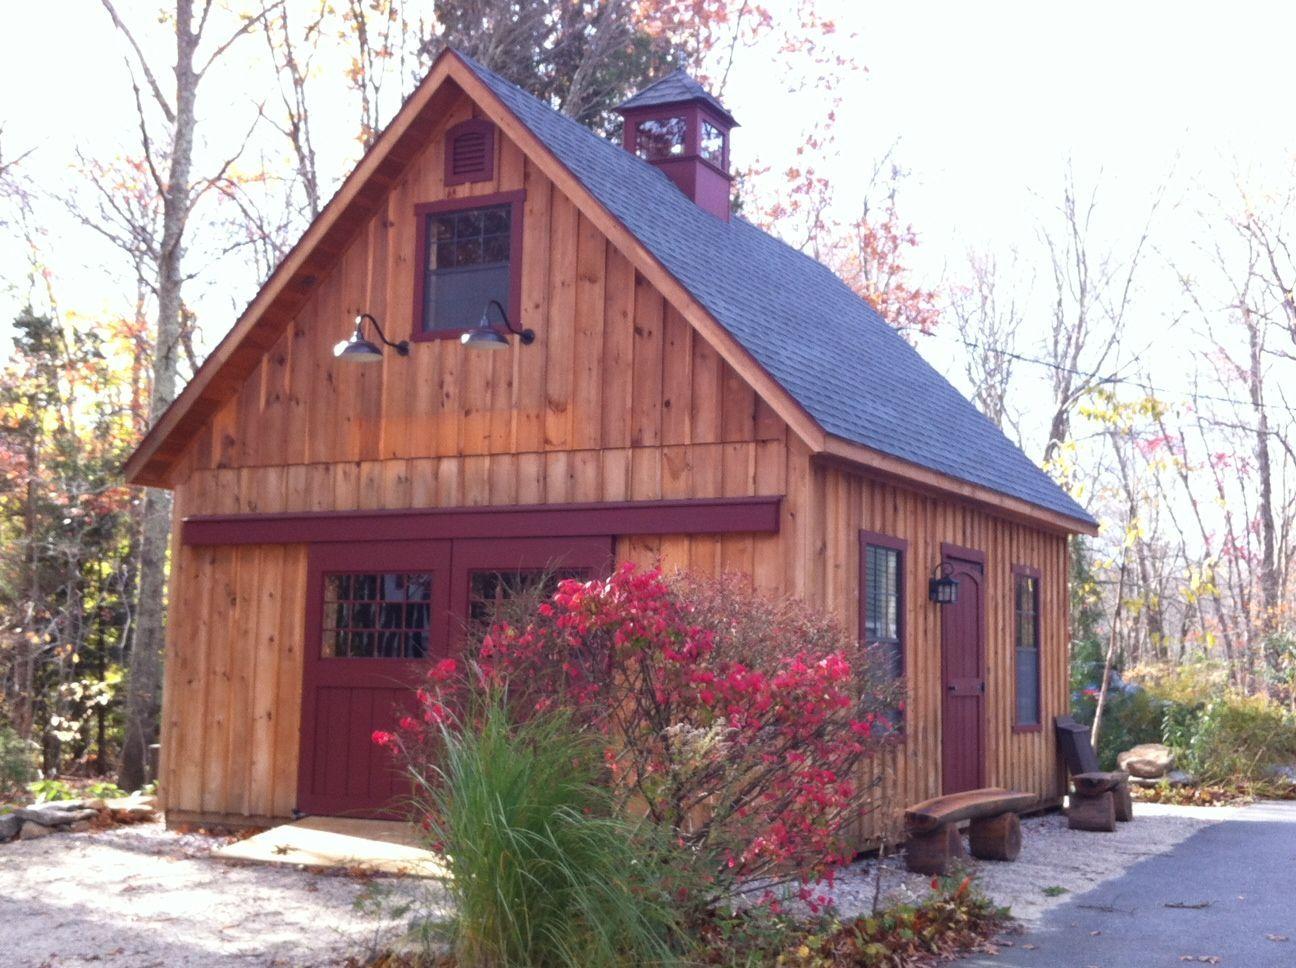 117 Reference Of Barn Door Pantry Board And Batten In 2020 Garage Door Design Backyard Barn Barn Door Pantry